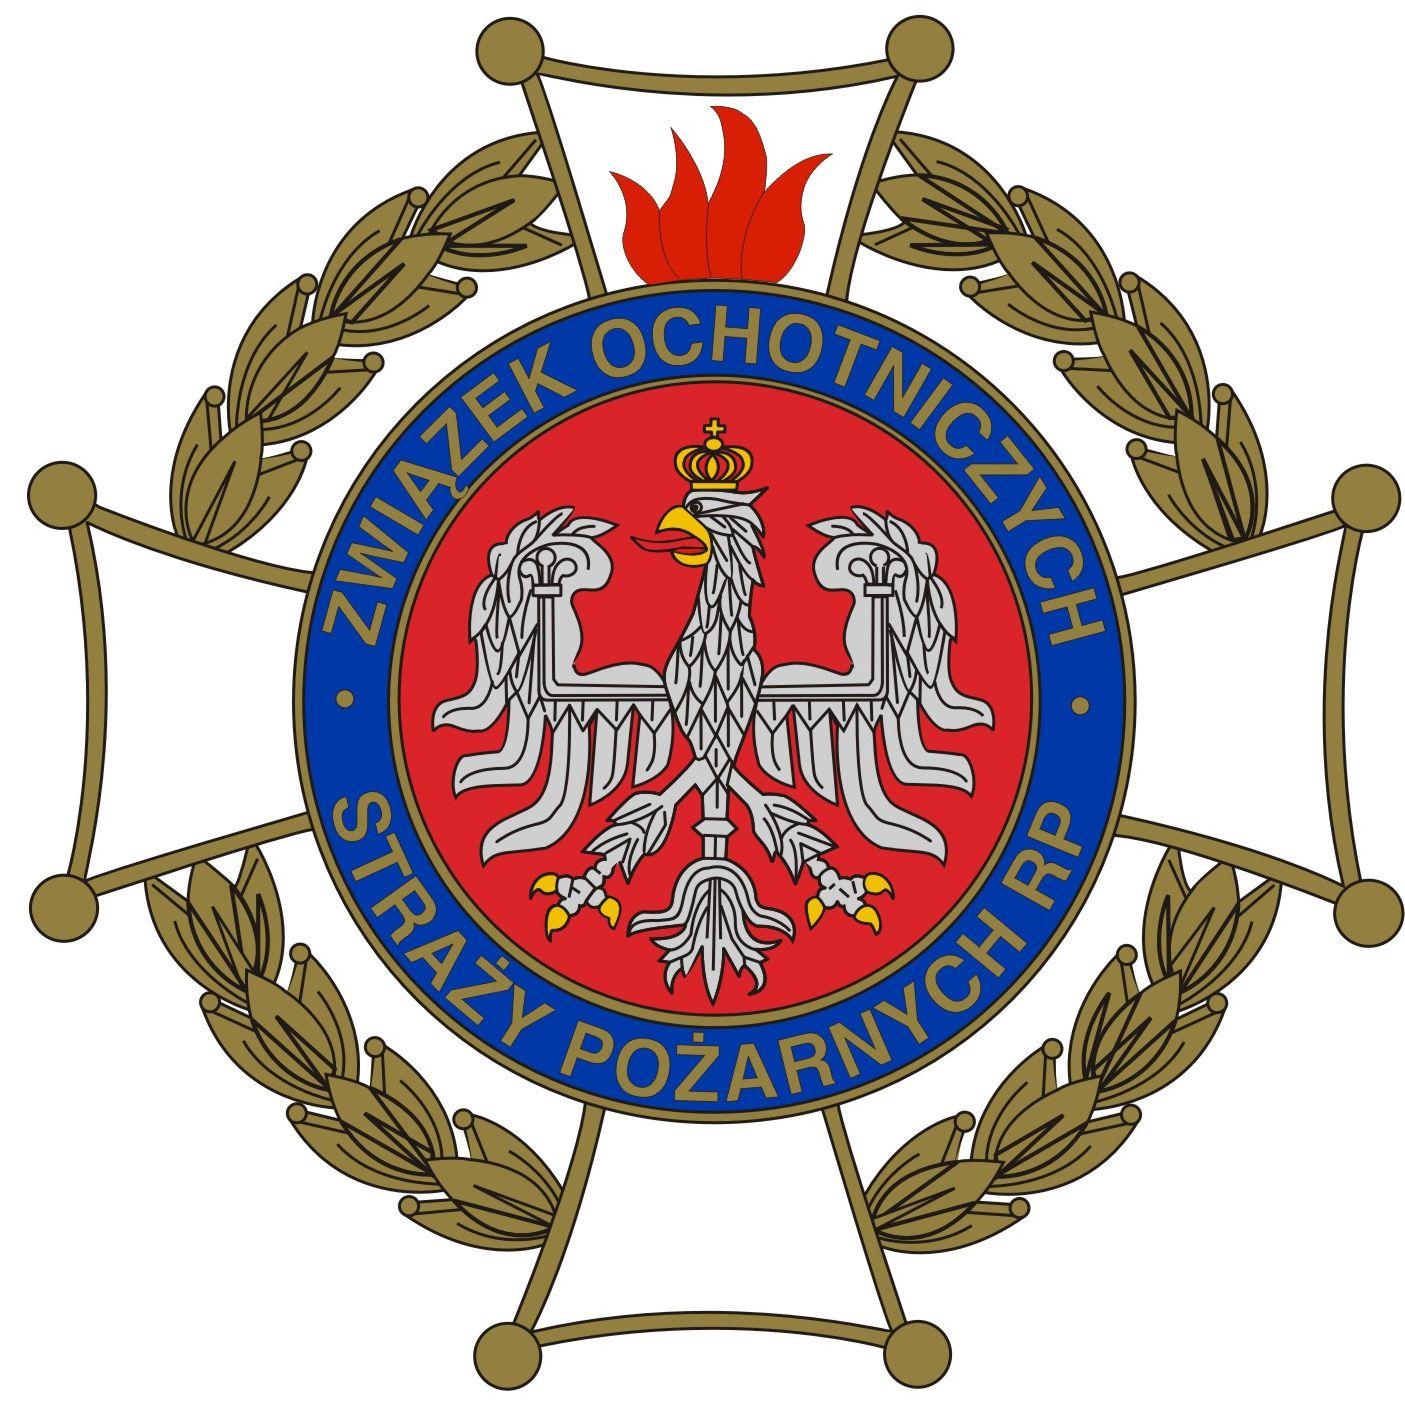 Posiedzenie Prezydium Zarządu Oddziału Gminnego Związku OSP RP